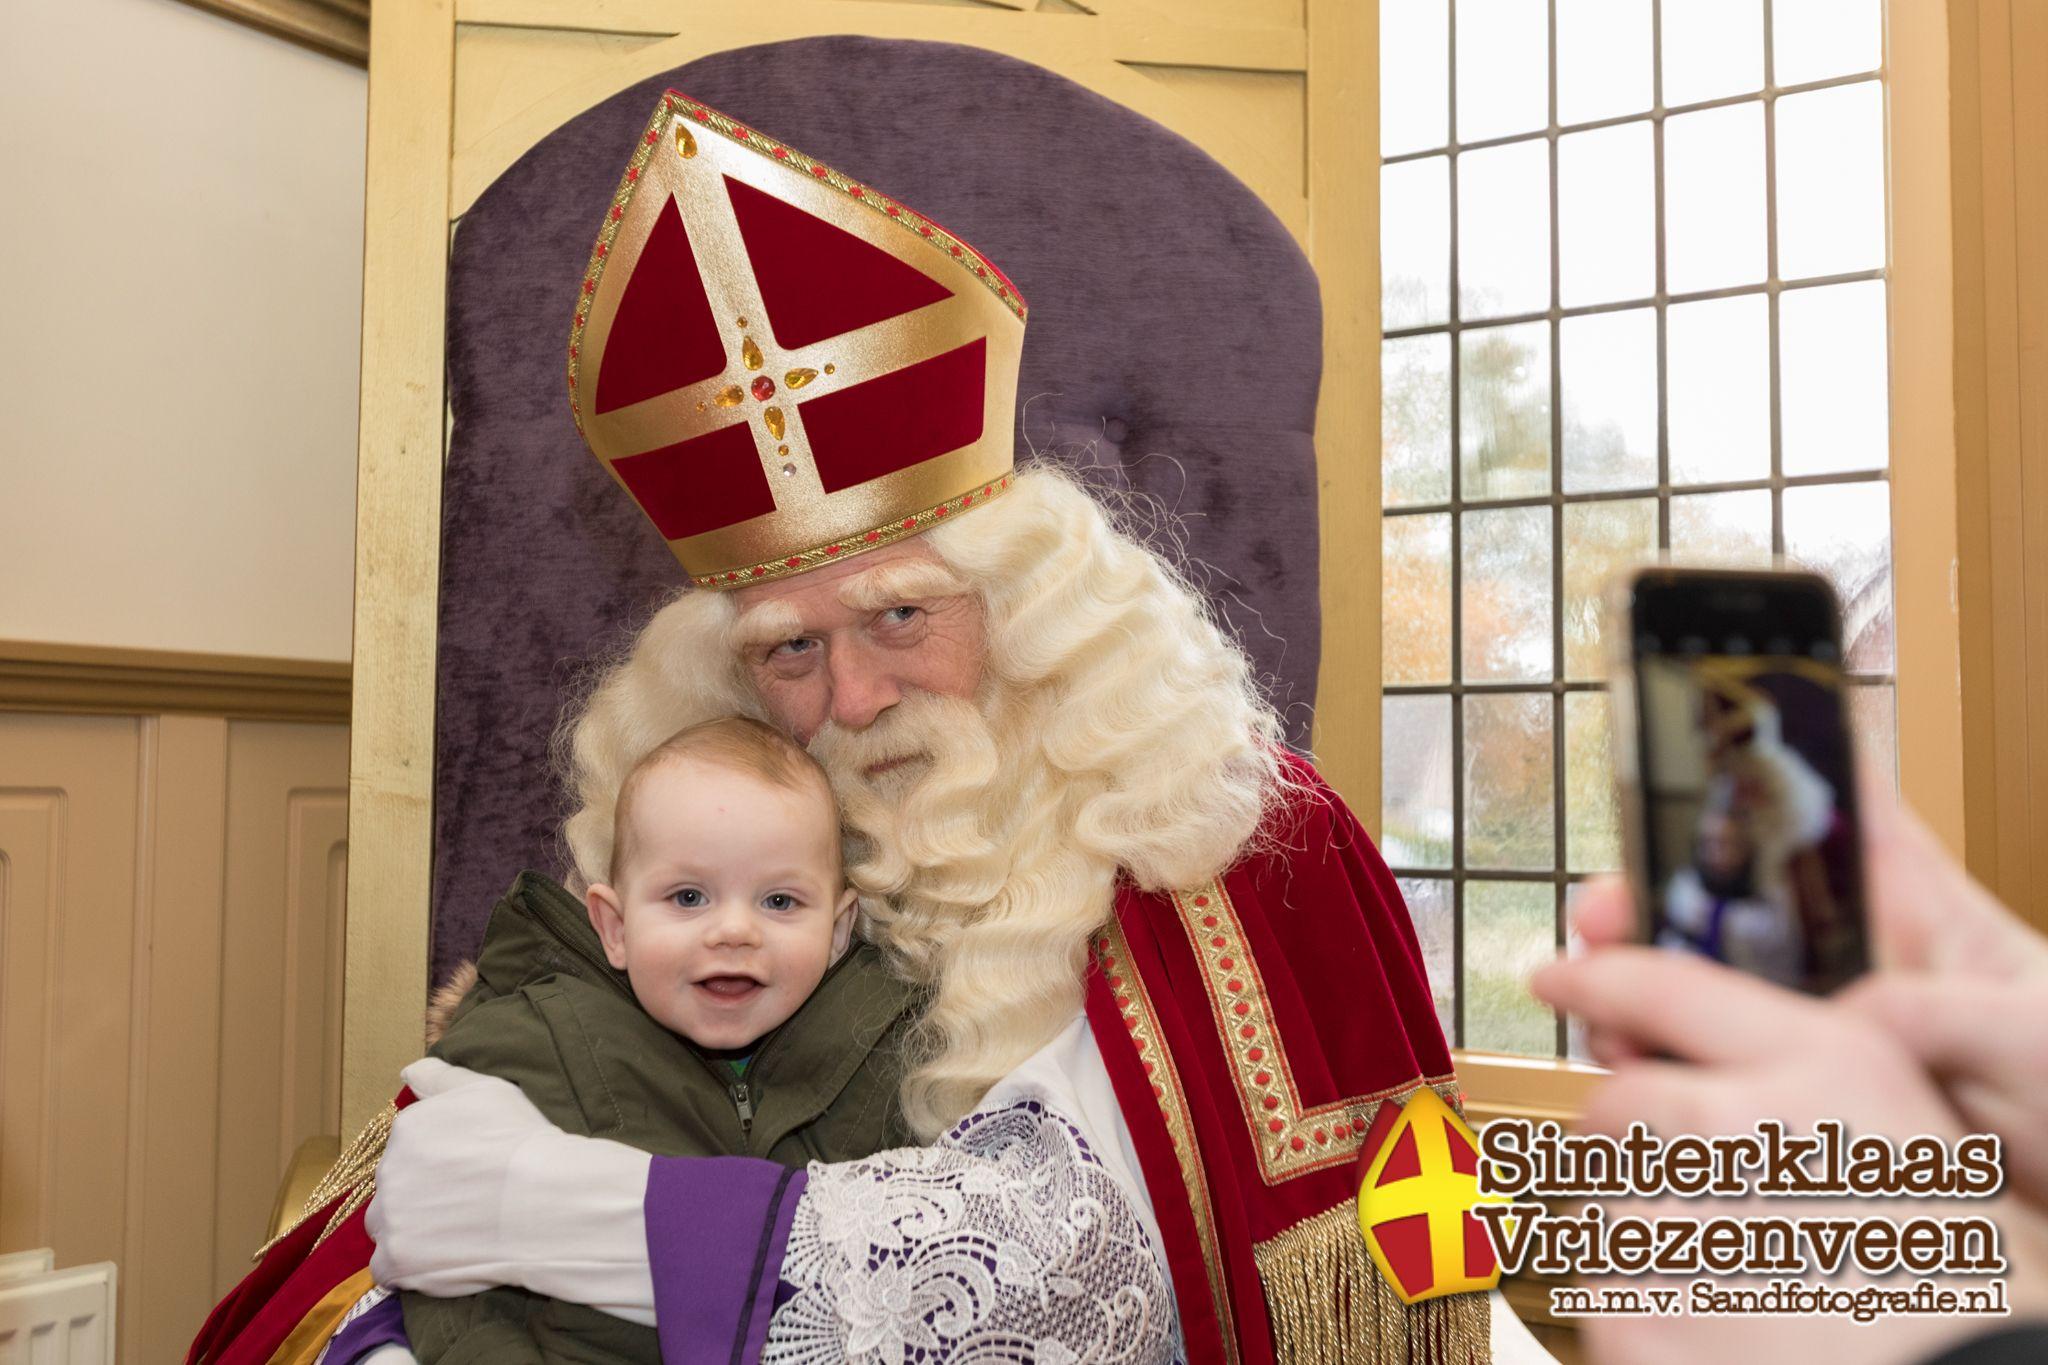 27-11-'18 Huis van Sinterklaas Vriezenveen Sand Fotografie